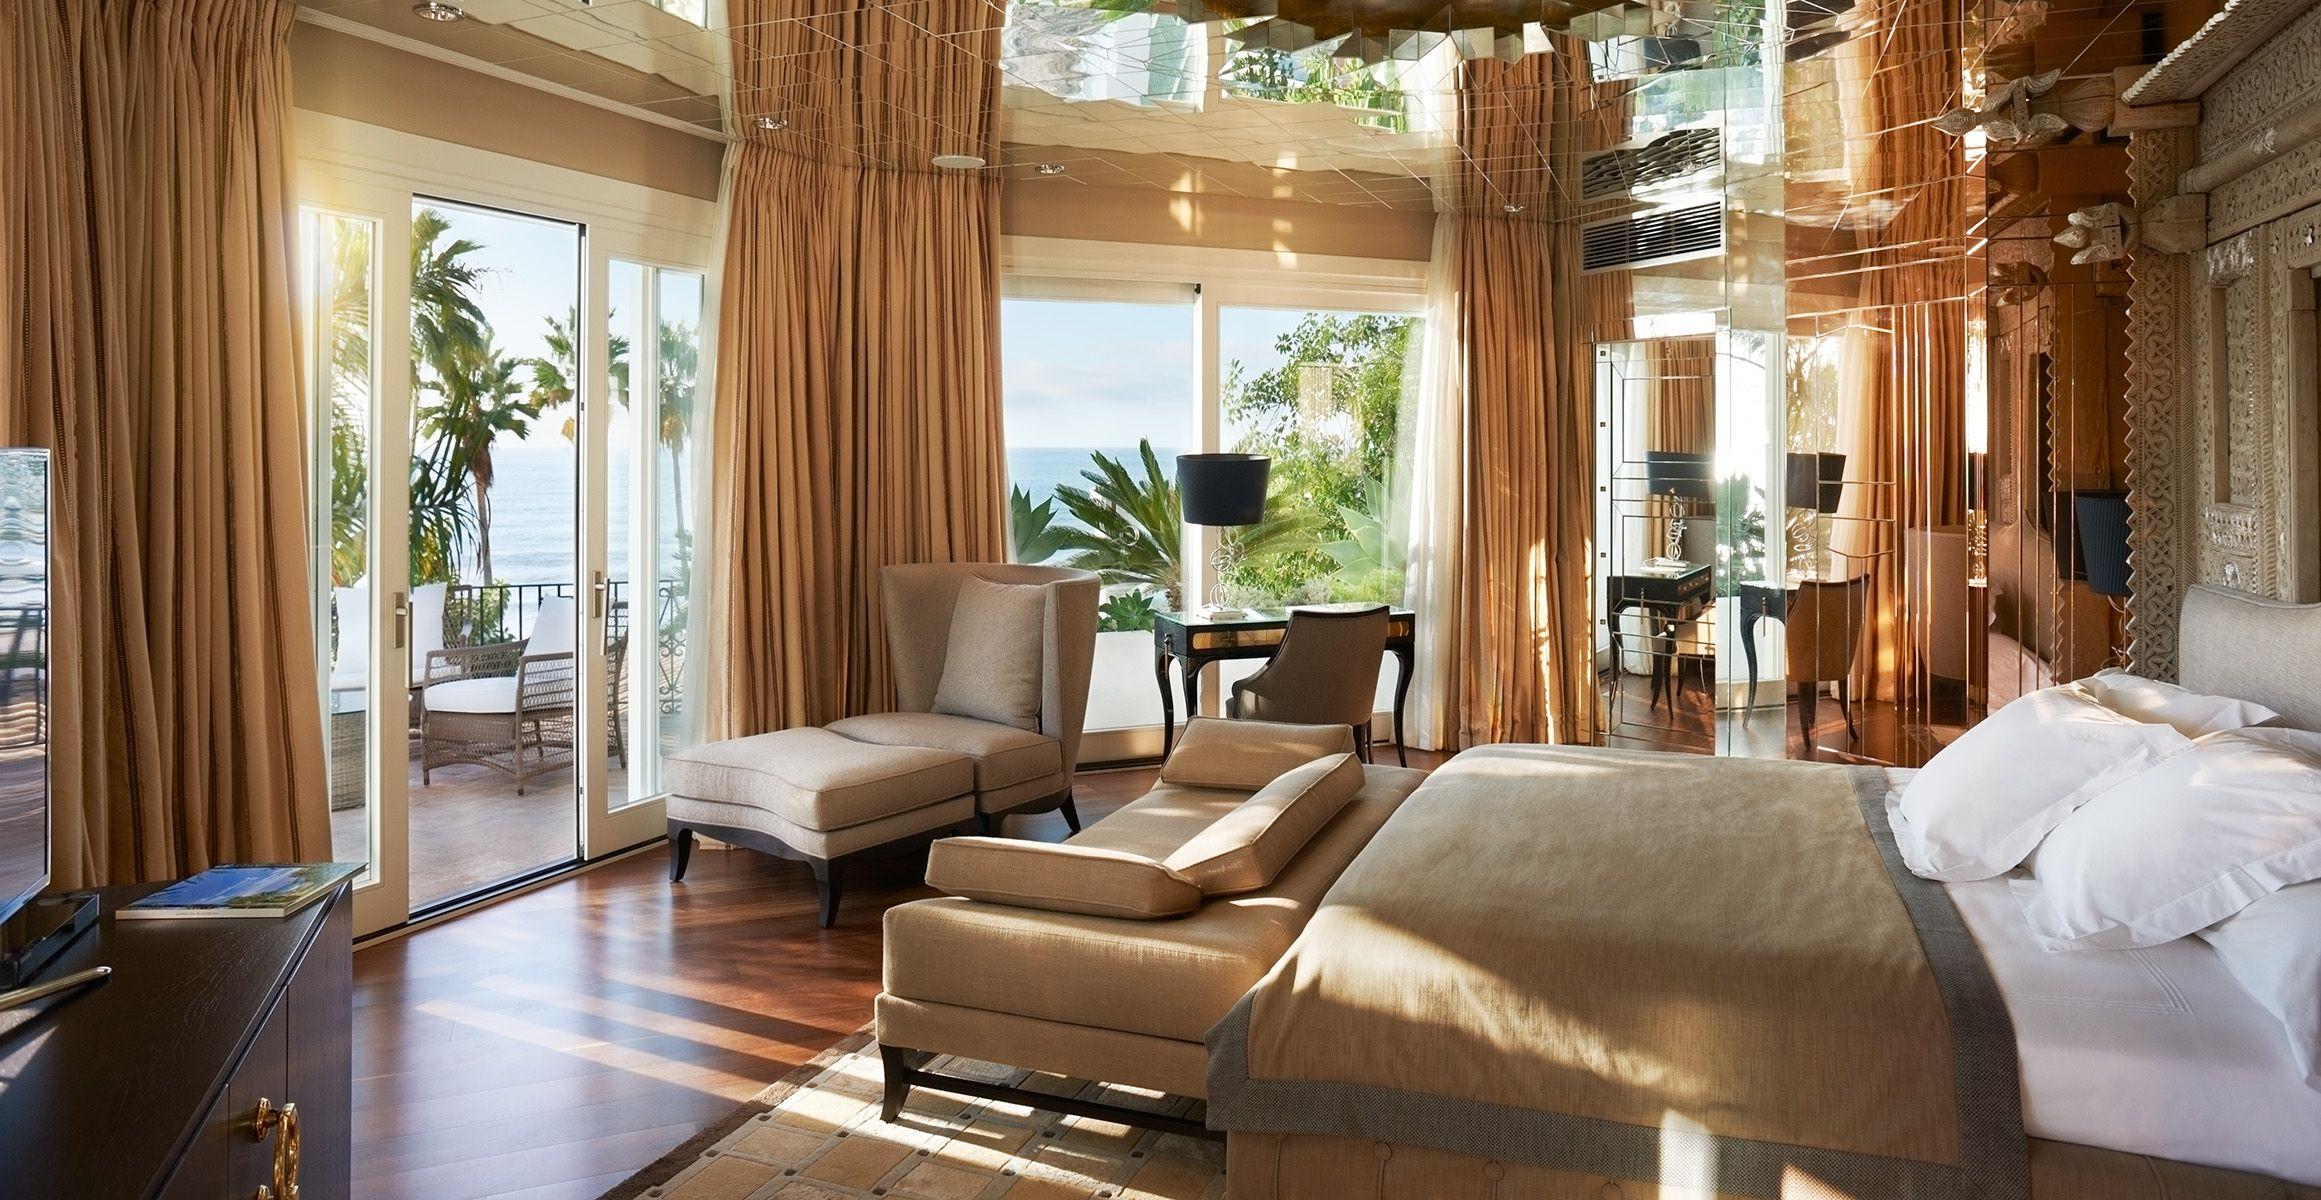 Villa Del Mar En Marbella Club Hotel Marbella M Laga  # Muebles Simon Marbella